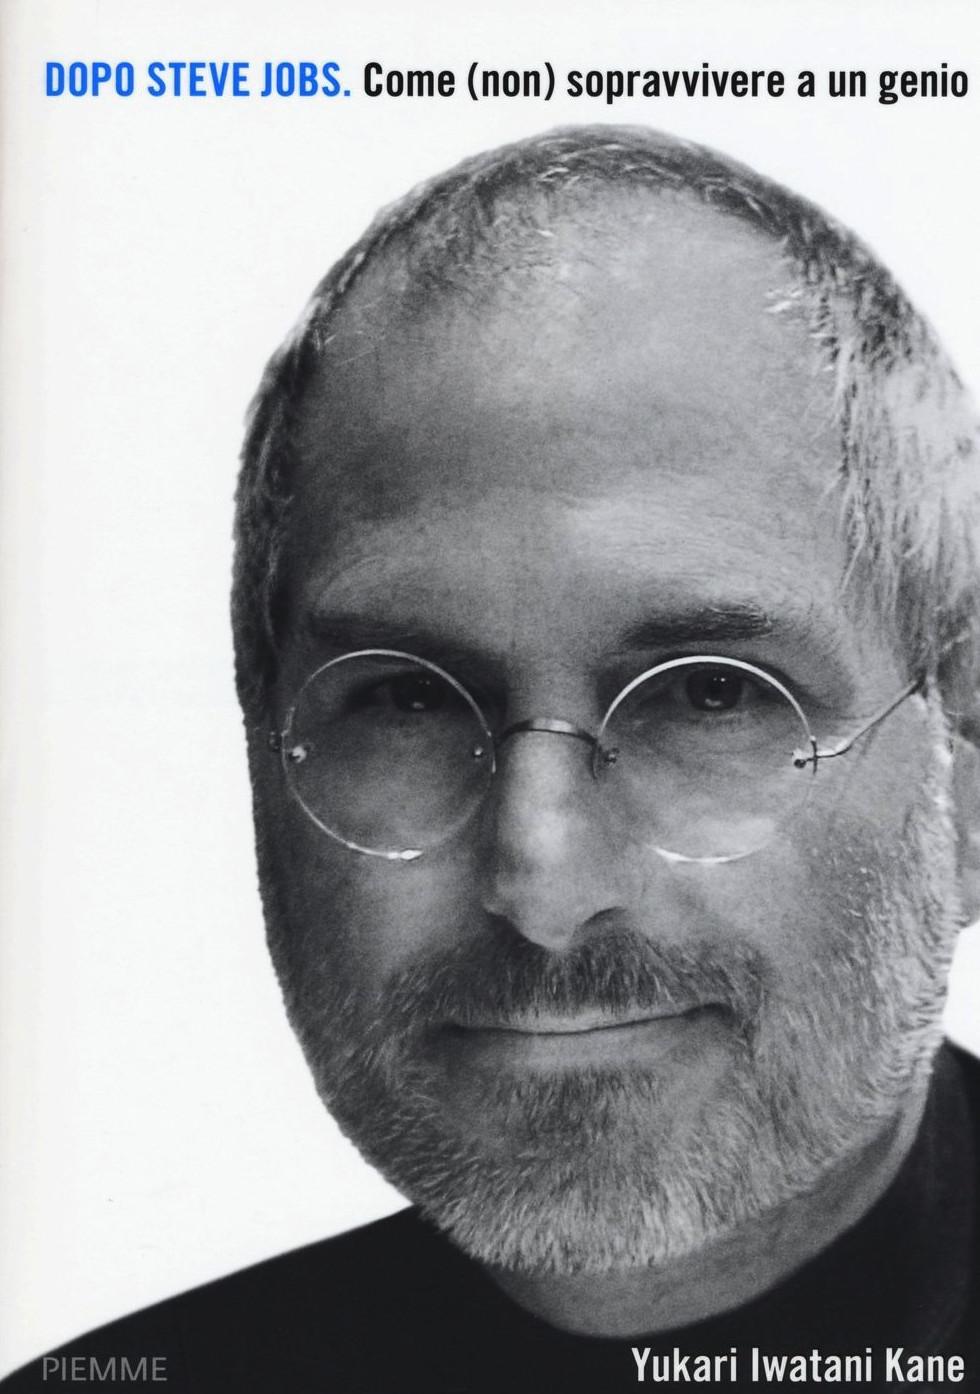 Dopo-Steve-Jobs-come-non-sopravvivere